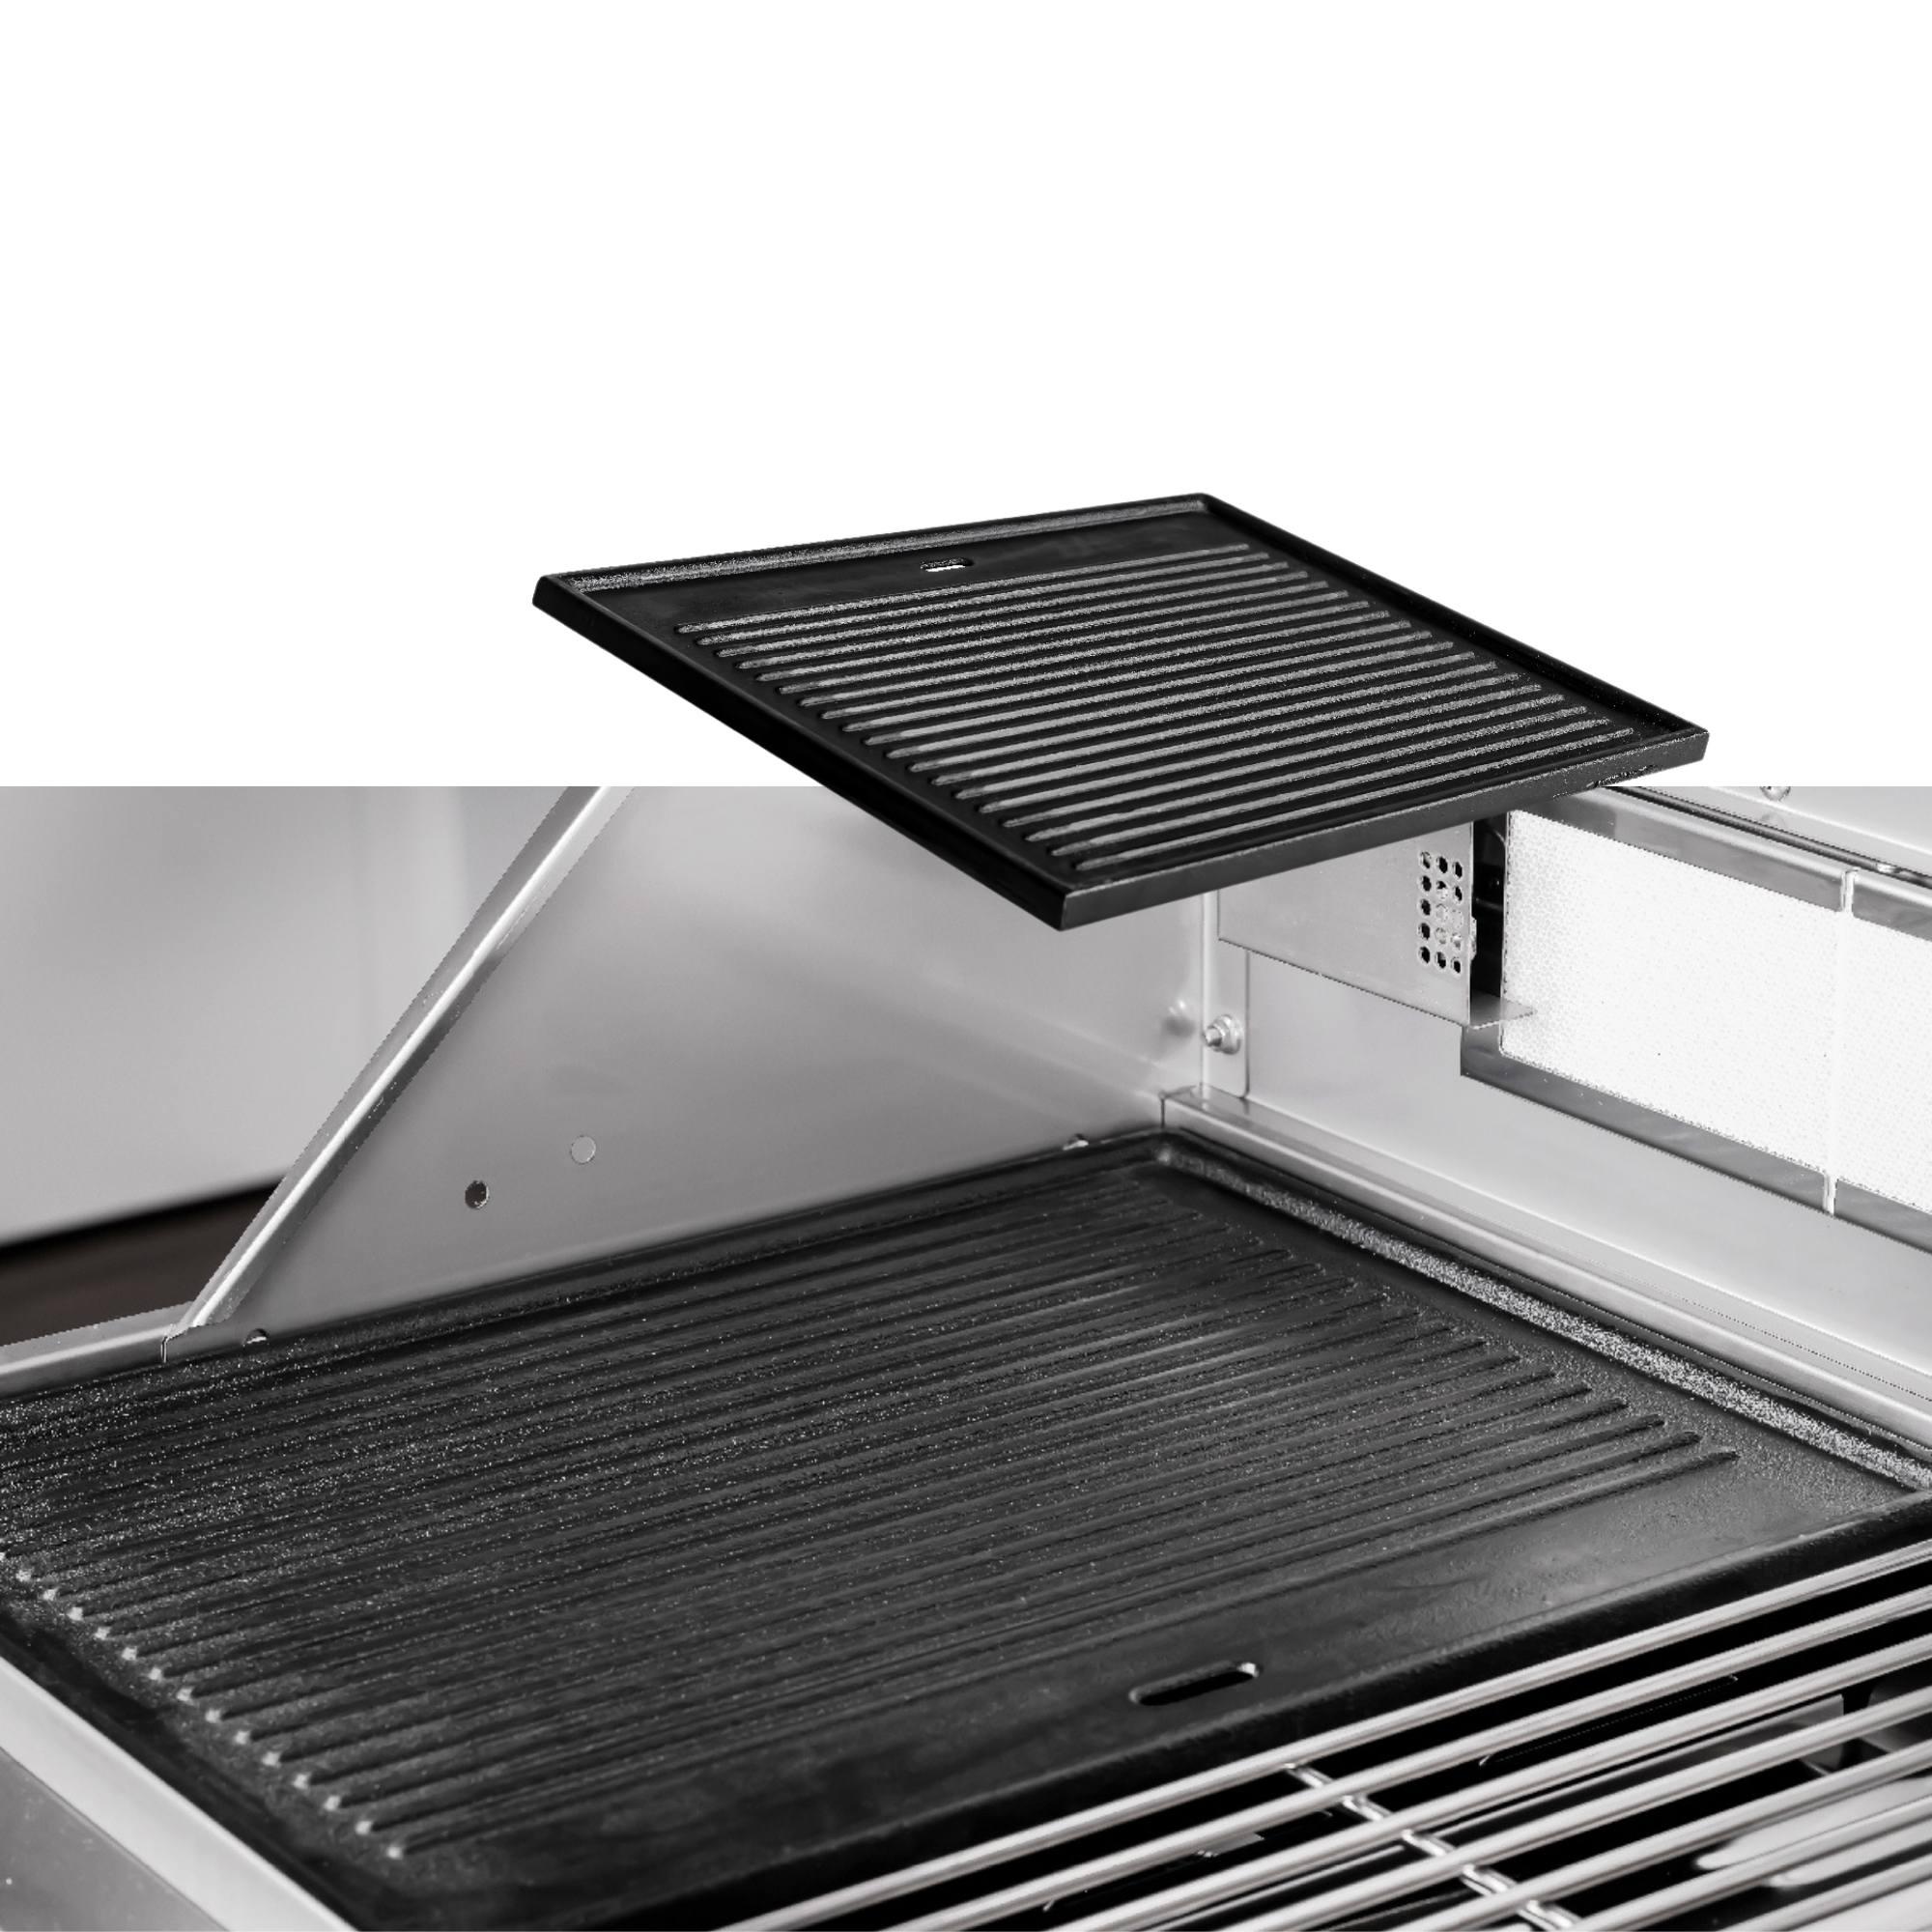 Chapa de Lanche para Churrasqueira Concept Grill 4 queimadores  - Sua Casa Gourmet e Cia